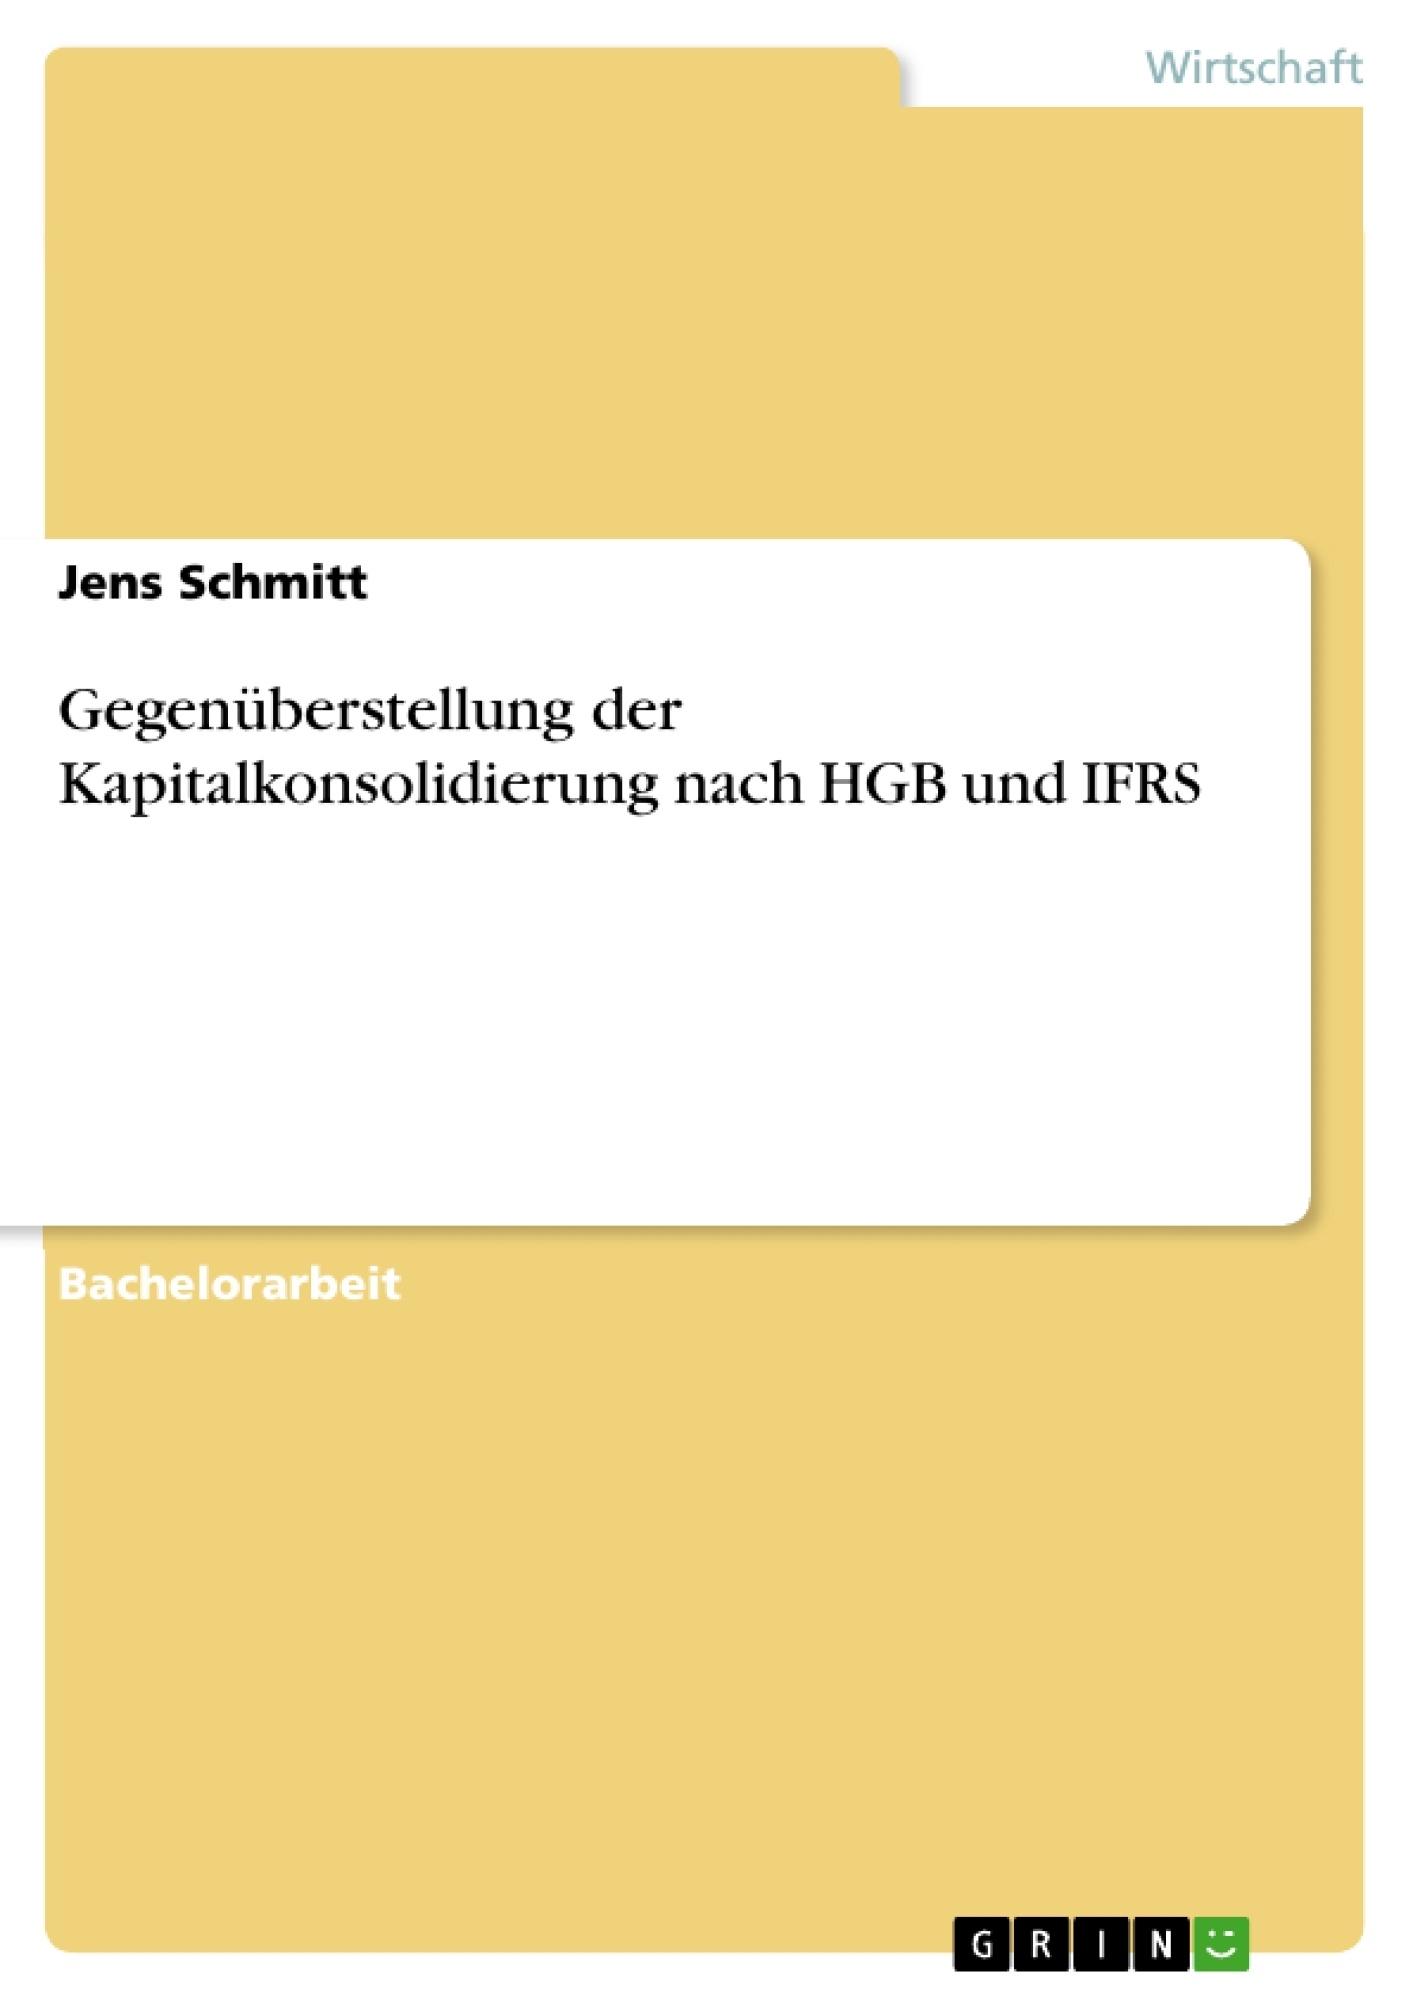 Titel: Gegenüberstellung der Kapitalkonsolidierung nach HGB und IFRS